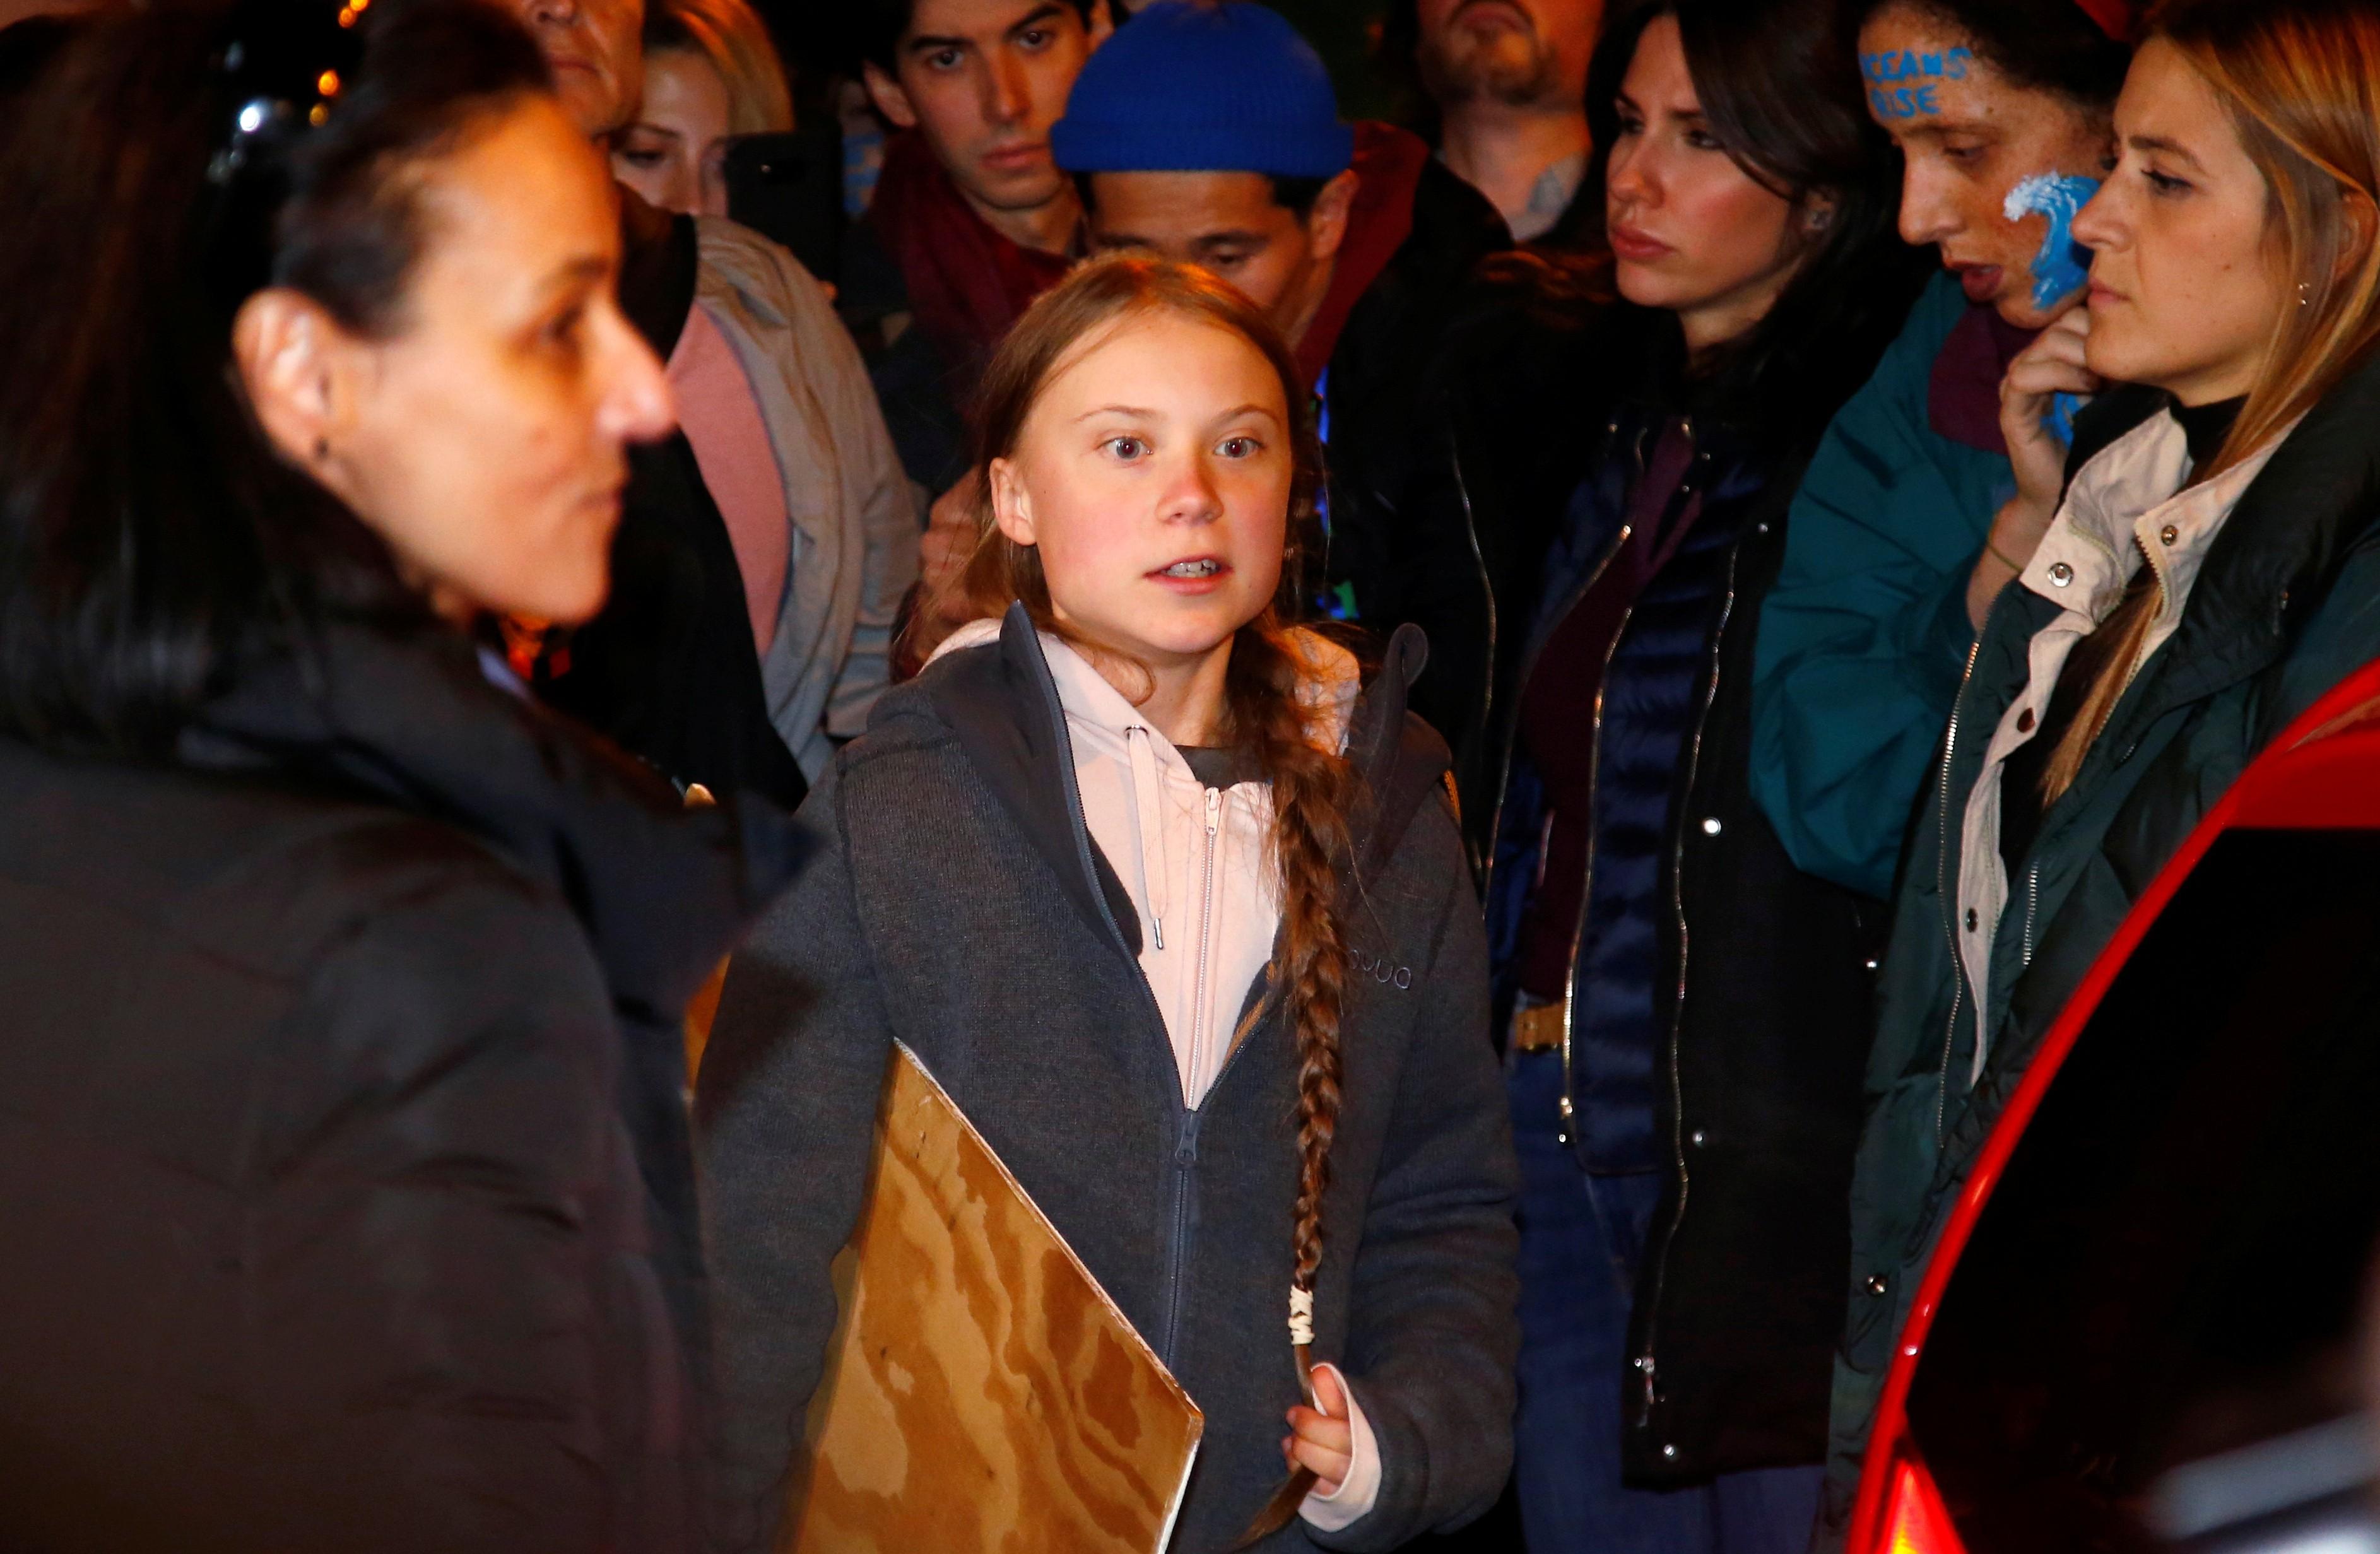 'Nossas vozes são cada vez mais ouvidas, mais isso não se traduz em ação política', diz Greta Thunberg em Madri